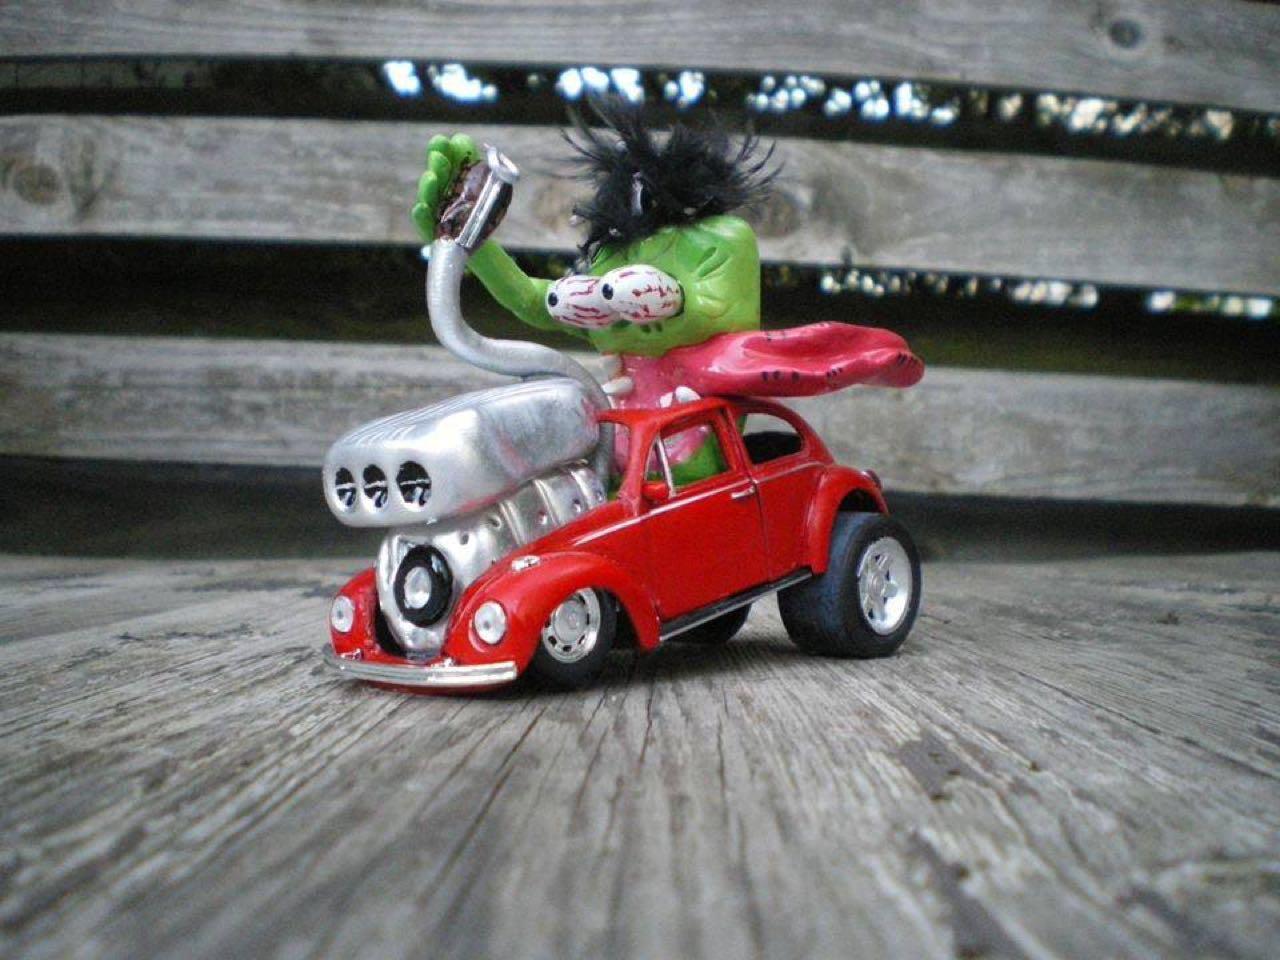 #Petrolhead : Funny Monsters - Délire ! 6